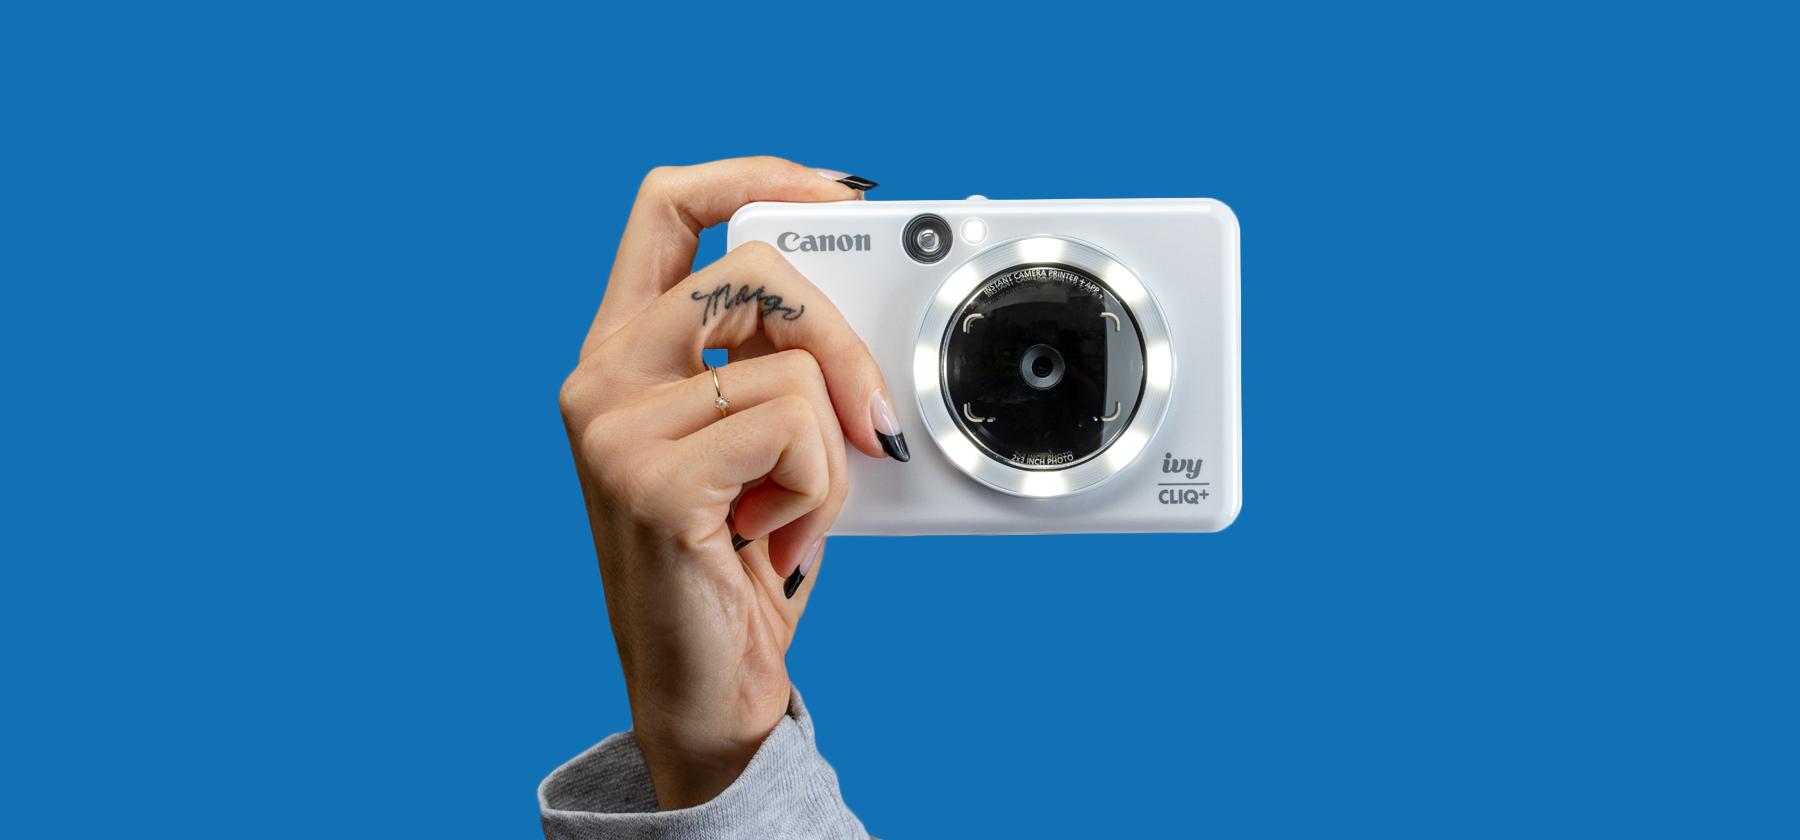 Canon CLIQ and CLIQ+ Lifestyle